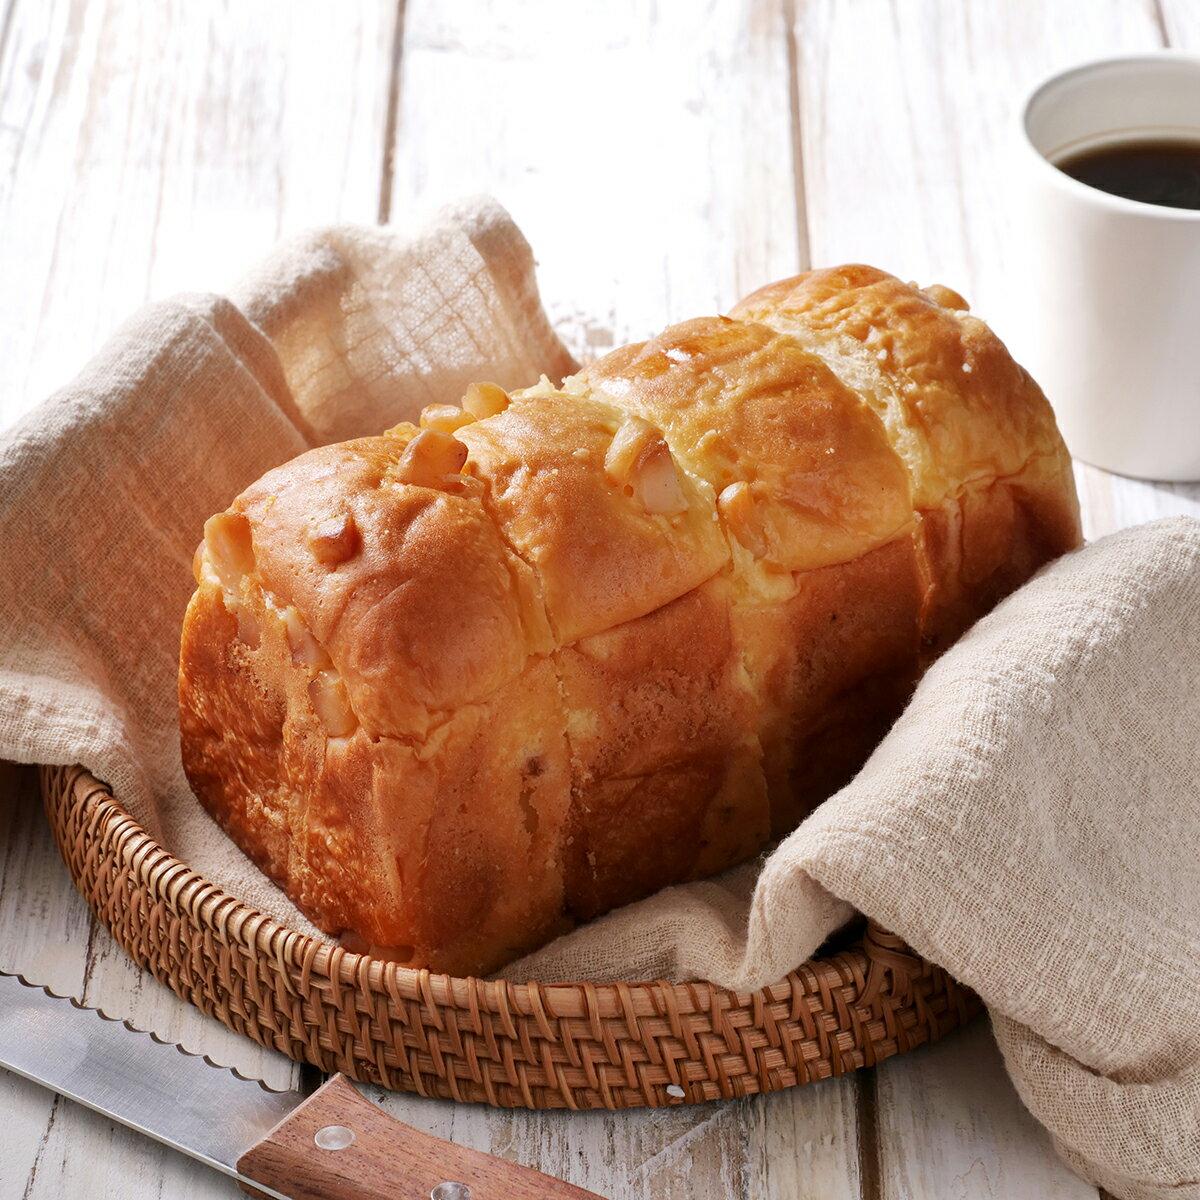 【堅果吐司/一條250g】使用日本熊本麵粉與天然食材|無人工添加物|鮮凍配送|新鮮店取|人氣團購|健康早餐點心的好選擇|部落客口碑推薦|蘋果日報報導|嚴選台灣在地食材|酥中帶軟の口感